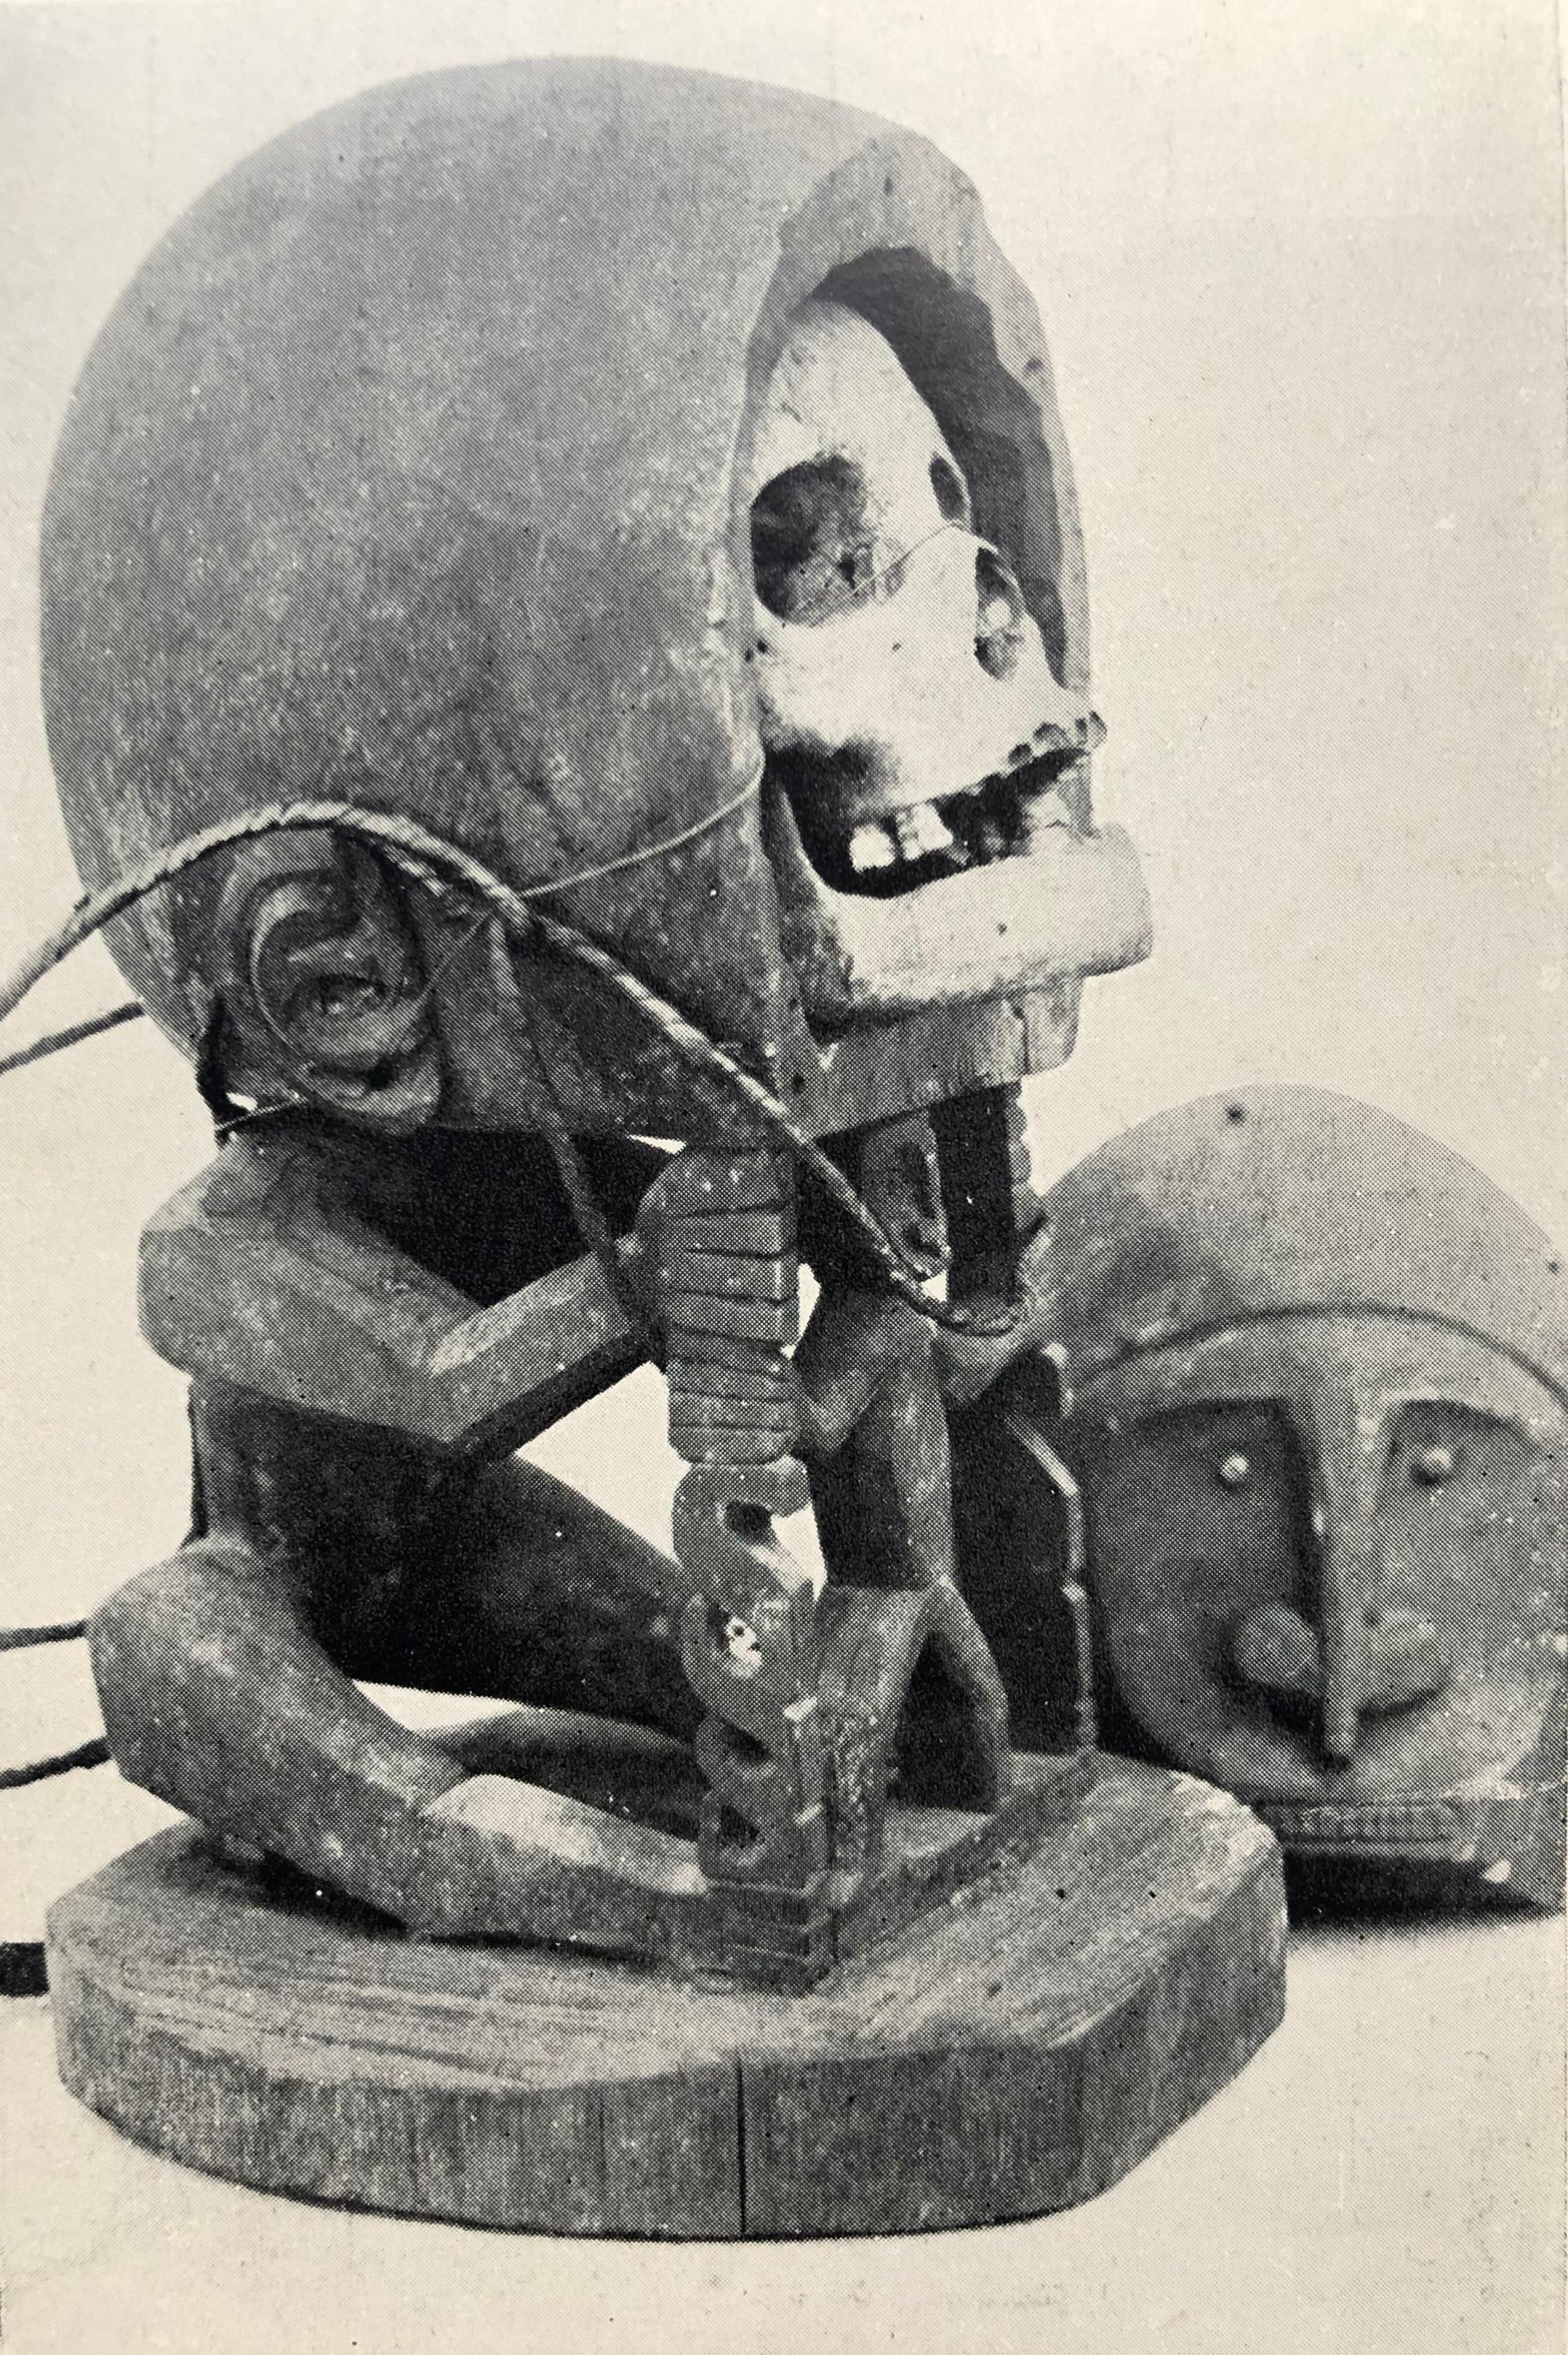 In  c. 1910, the Museum van het Koninklijk Bataviaasch Genootschap van Kunsten en Wetenschappen in Batavia (now the Museum Nasional, Jakarta) published this skull korwar (h.  c .50 cm), which presumably hails from the Schouten Islands, on a picture postcard.